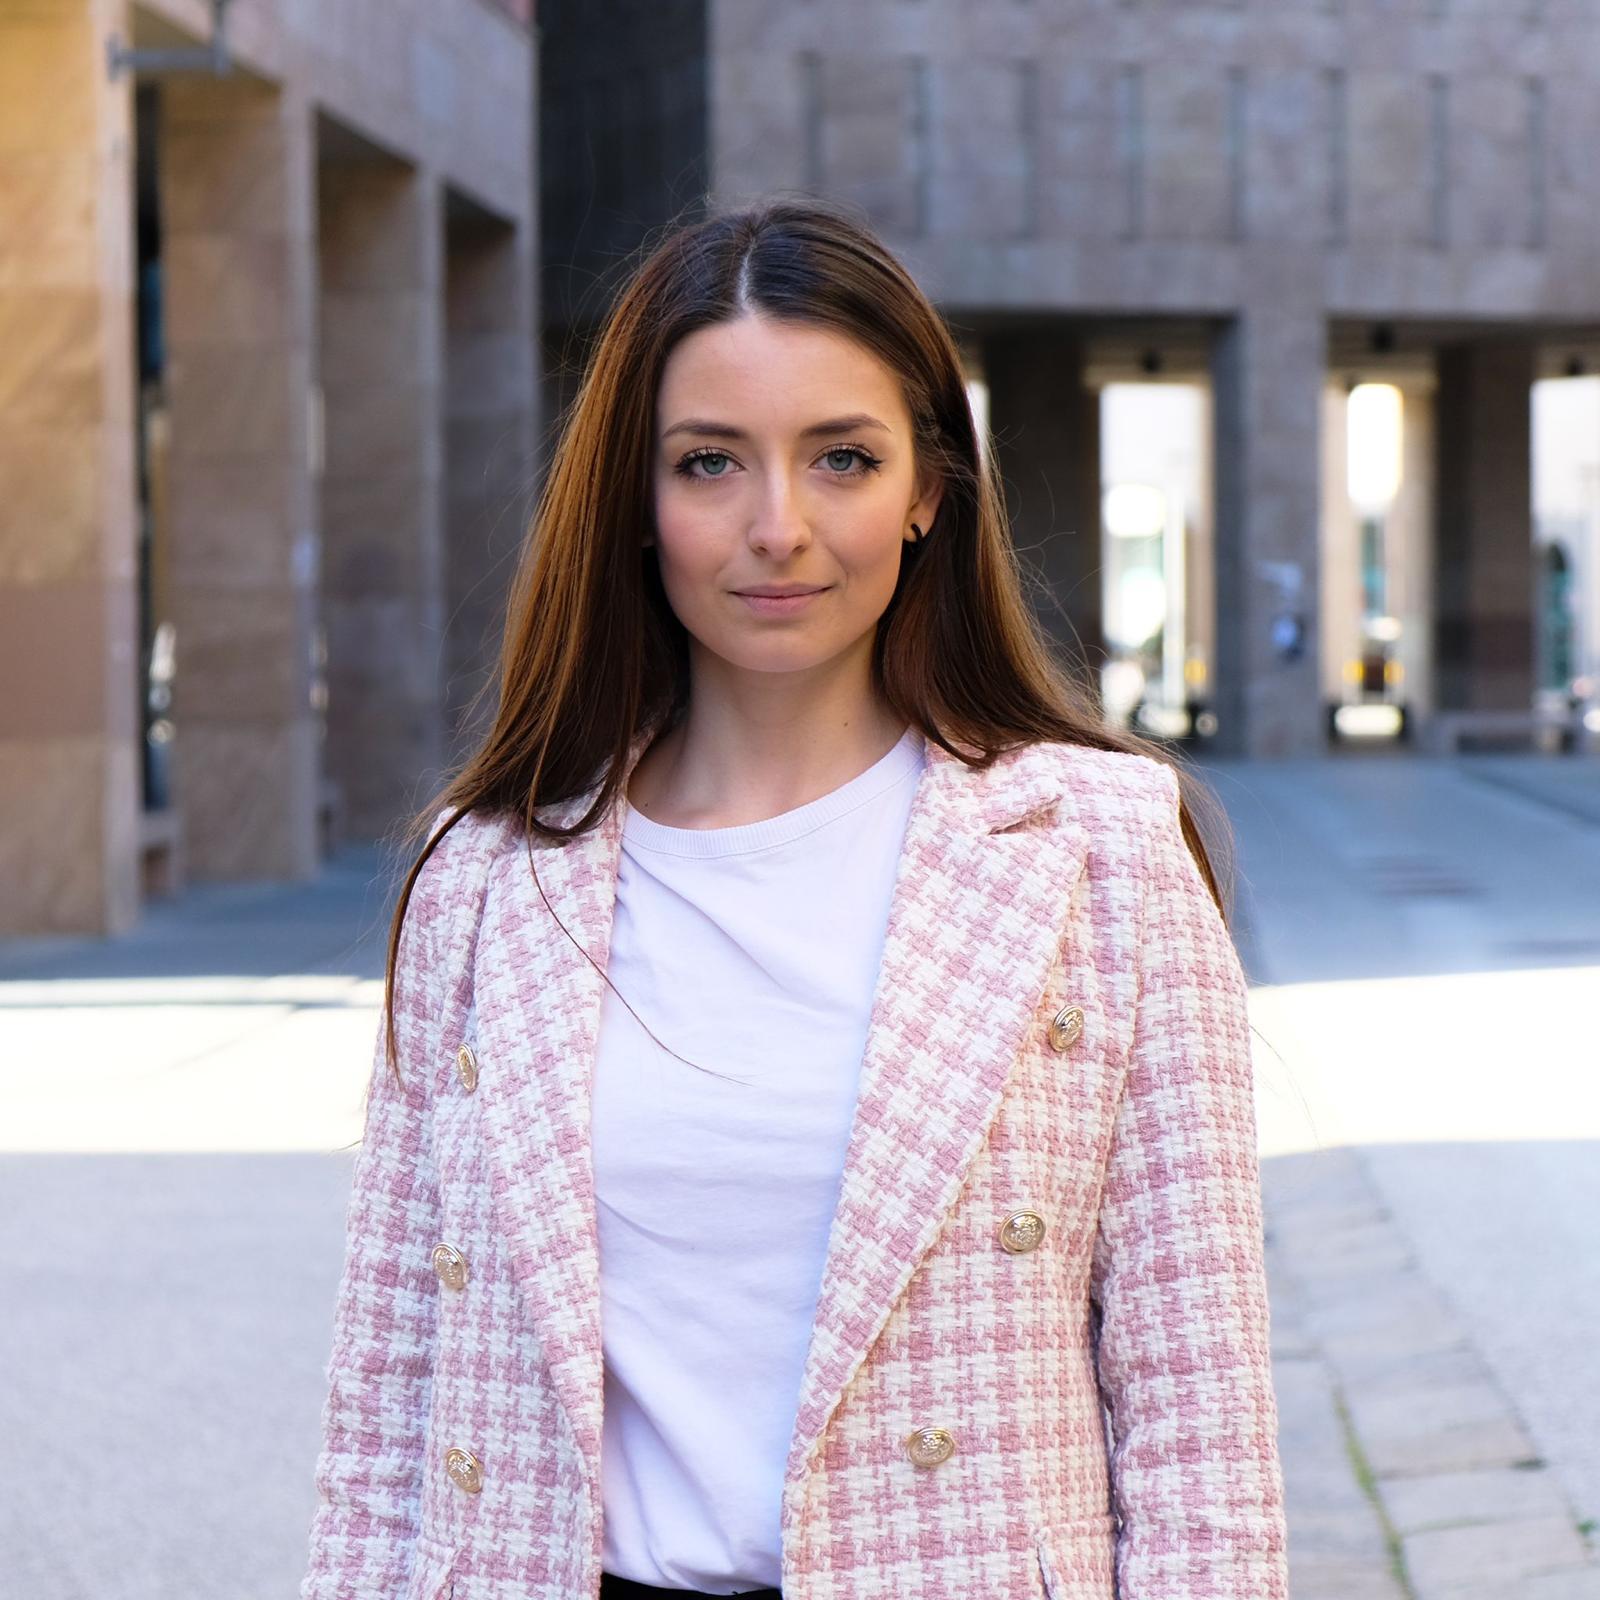 Scuola, Università: prima senatrice accademica di Pistoia